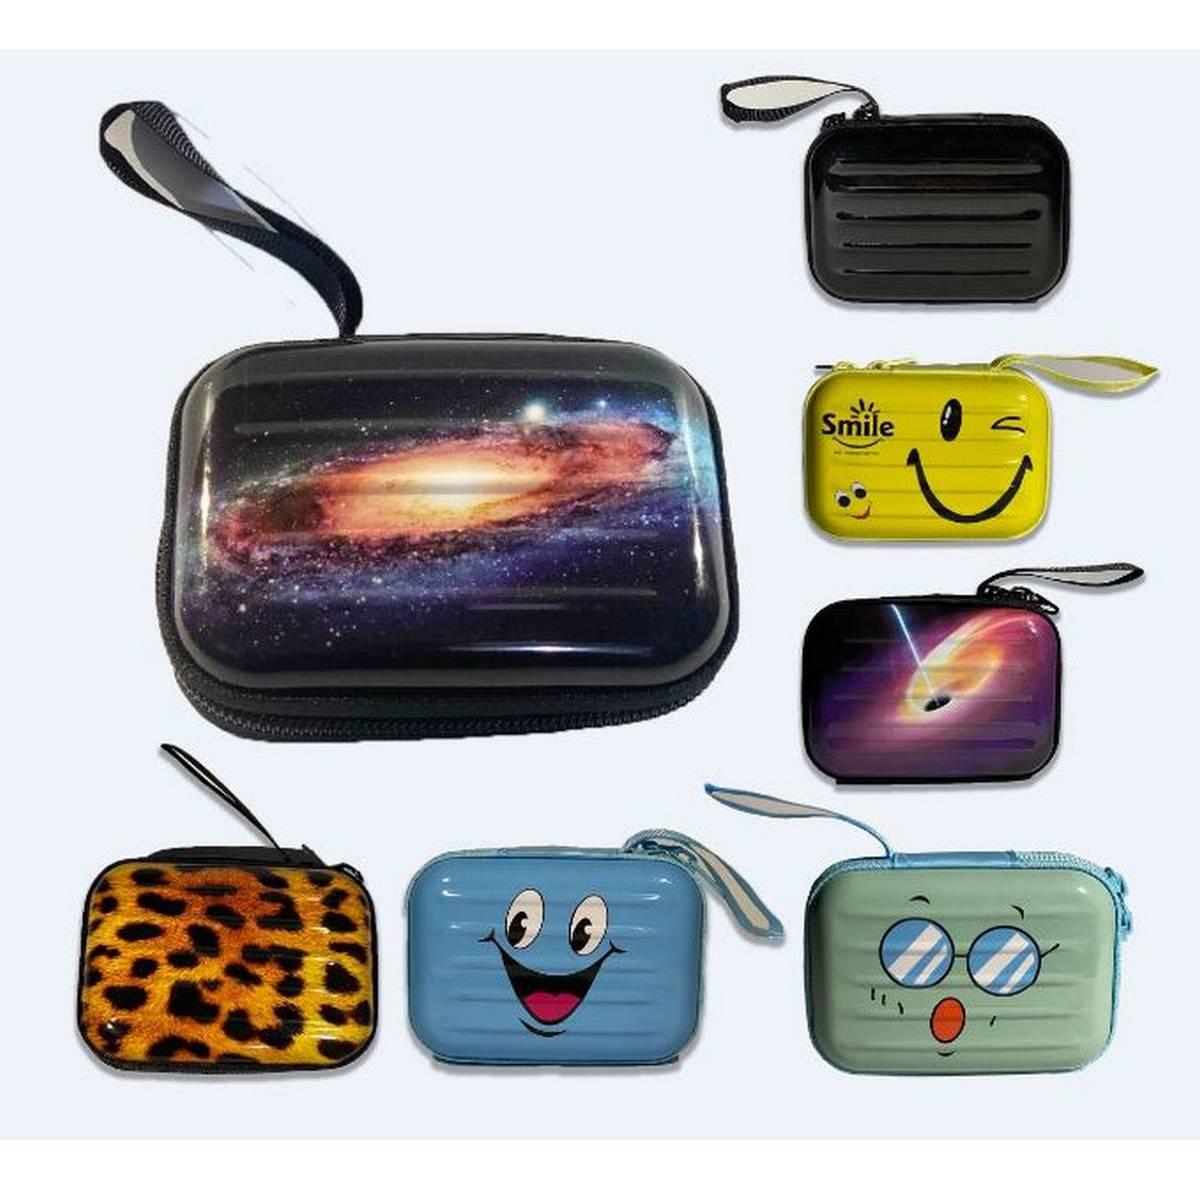 Stylish Alumina Wallet For Women, Card Holder Hard Casing, Aluminum Wallets For Girls Multipurpose